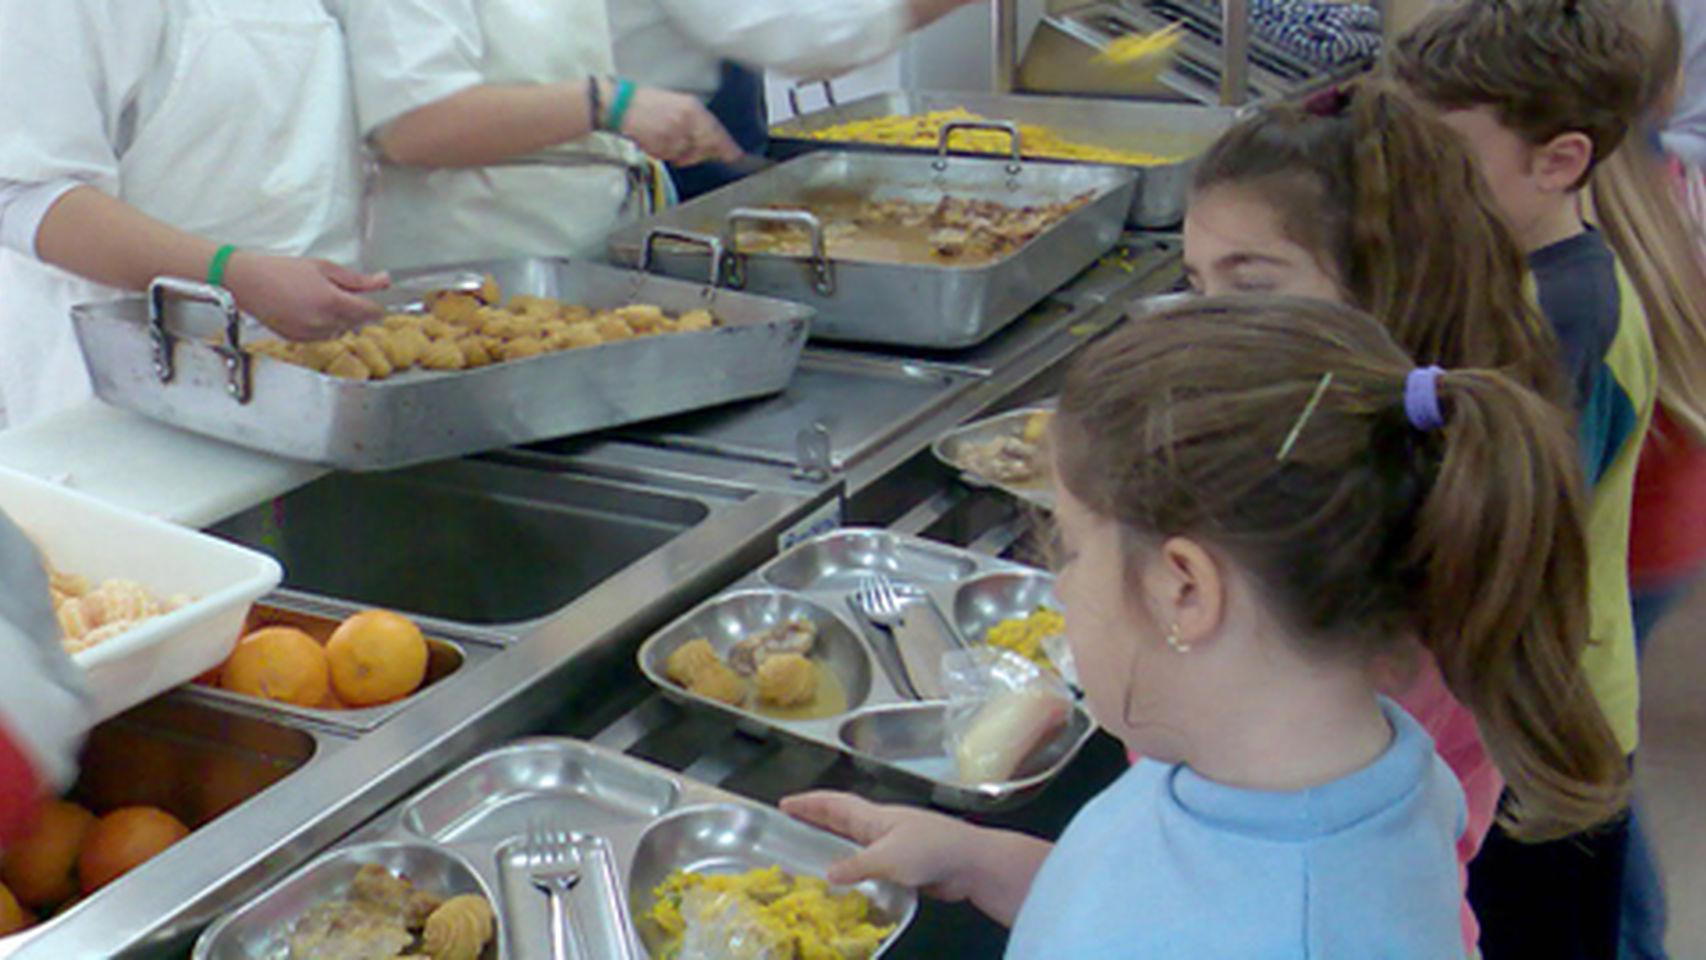 El pp cifra en 200 millones un fraude en los comedores - Comedores escolares castilla y leon ...